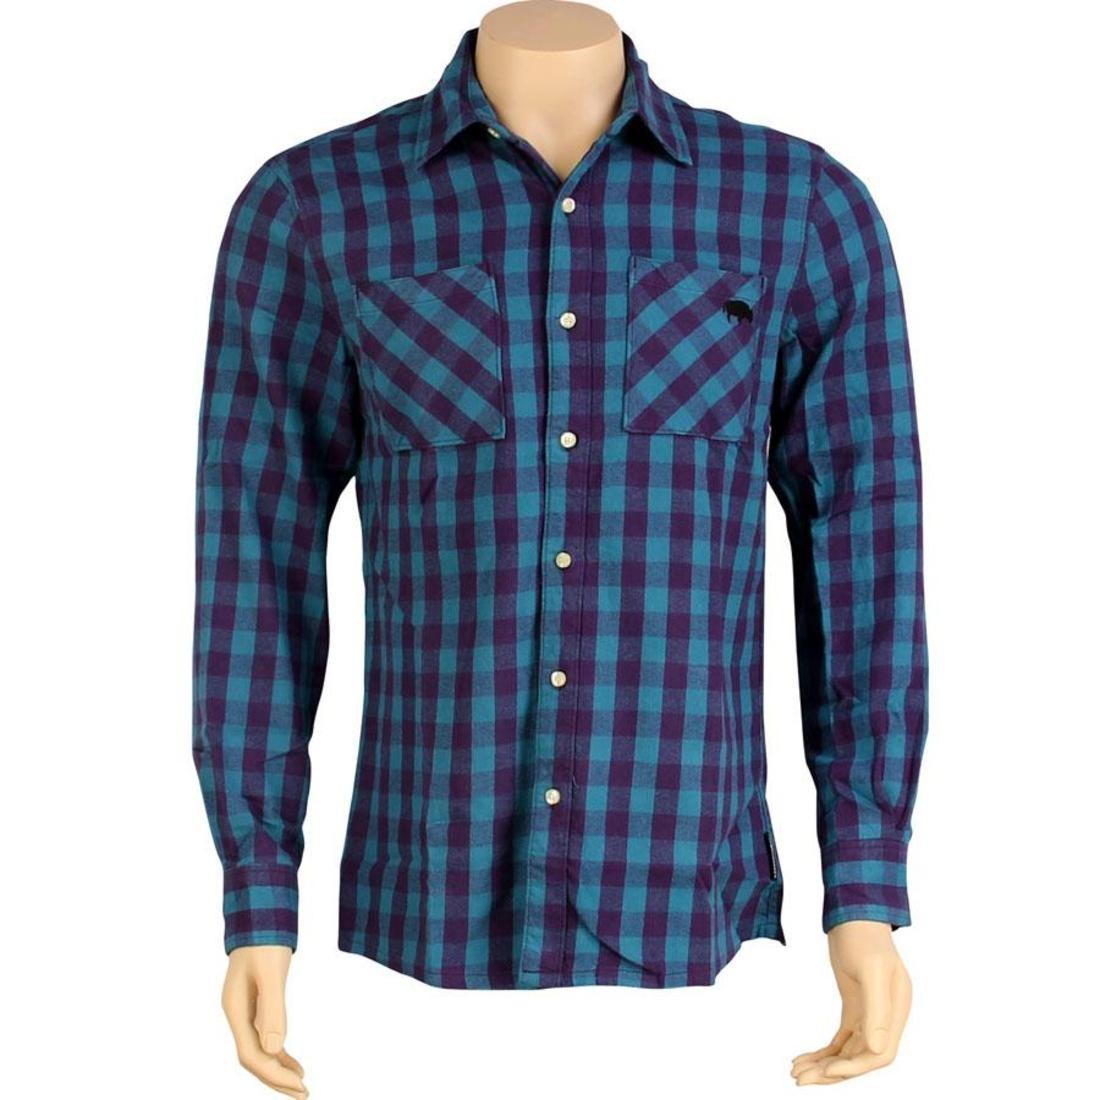 【海外限定】バッファロー カジュアルシャツ メンズファッション 【 THE HUNDREDS BUFFALO FLANNEL SHIRT BLUE 】